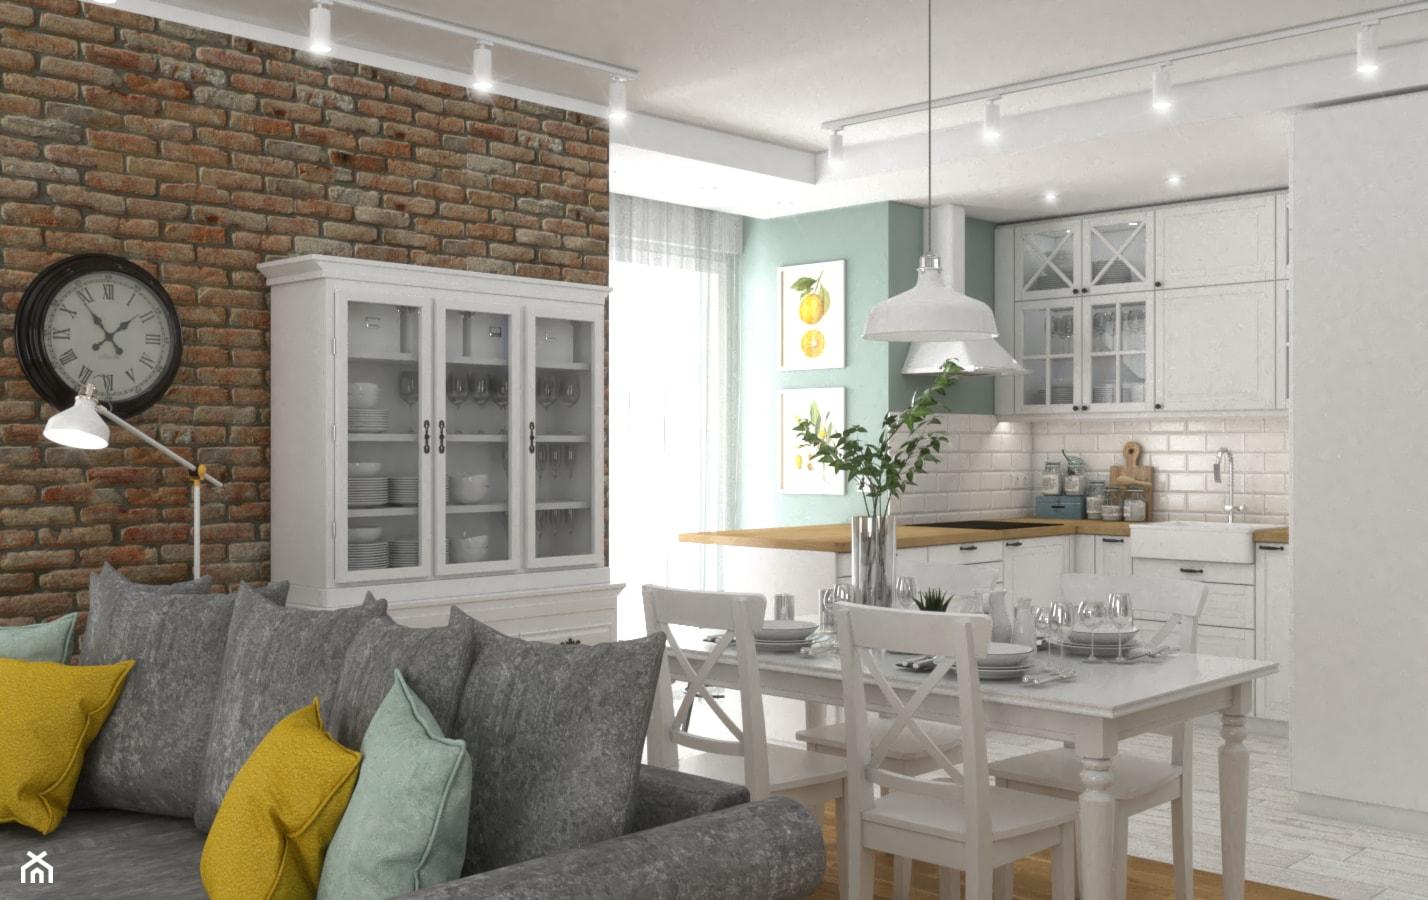 Dom w Krakowie 2 - Salon, styl rustykalny - zdjęcie od VINSO Projektowanie Wnętrz - Homebook